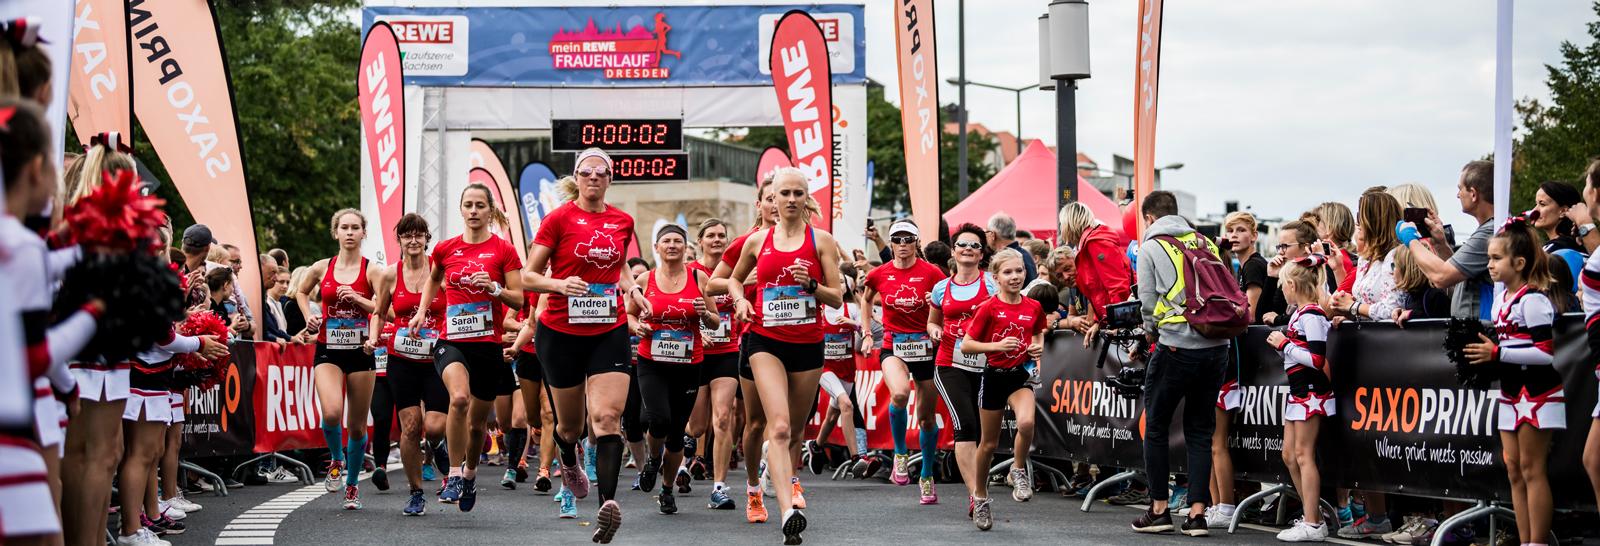 Rewe Frauenlauf Dresden Start